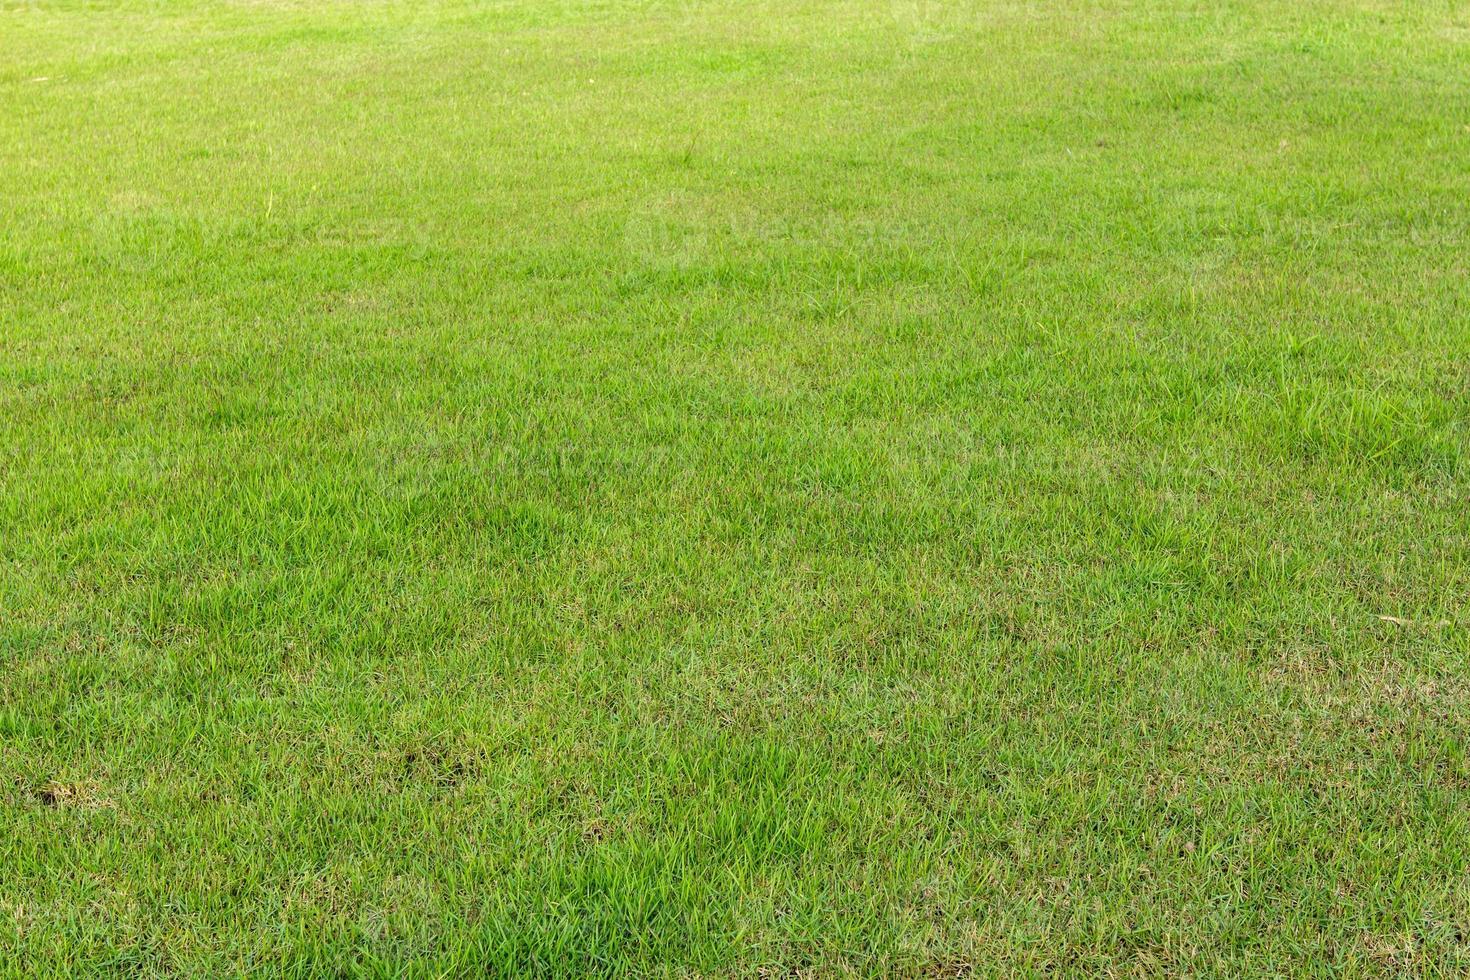 gräsmatta, trädgård foto